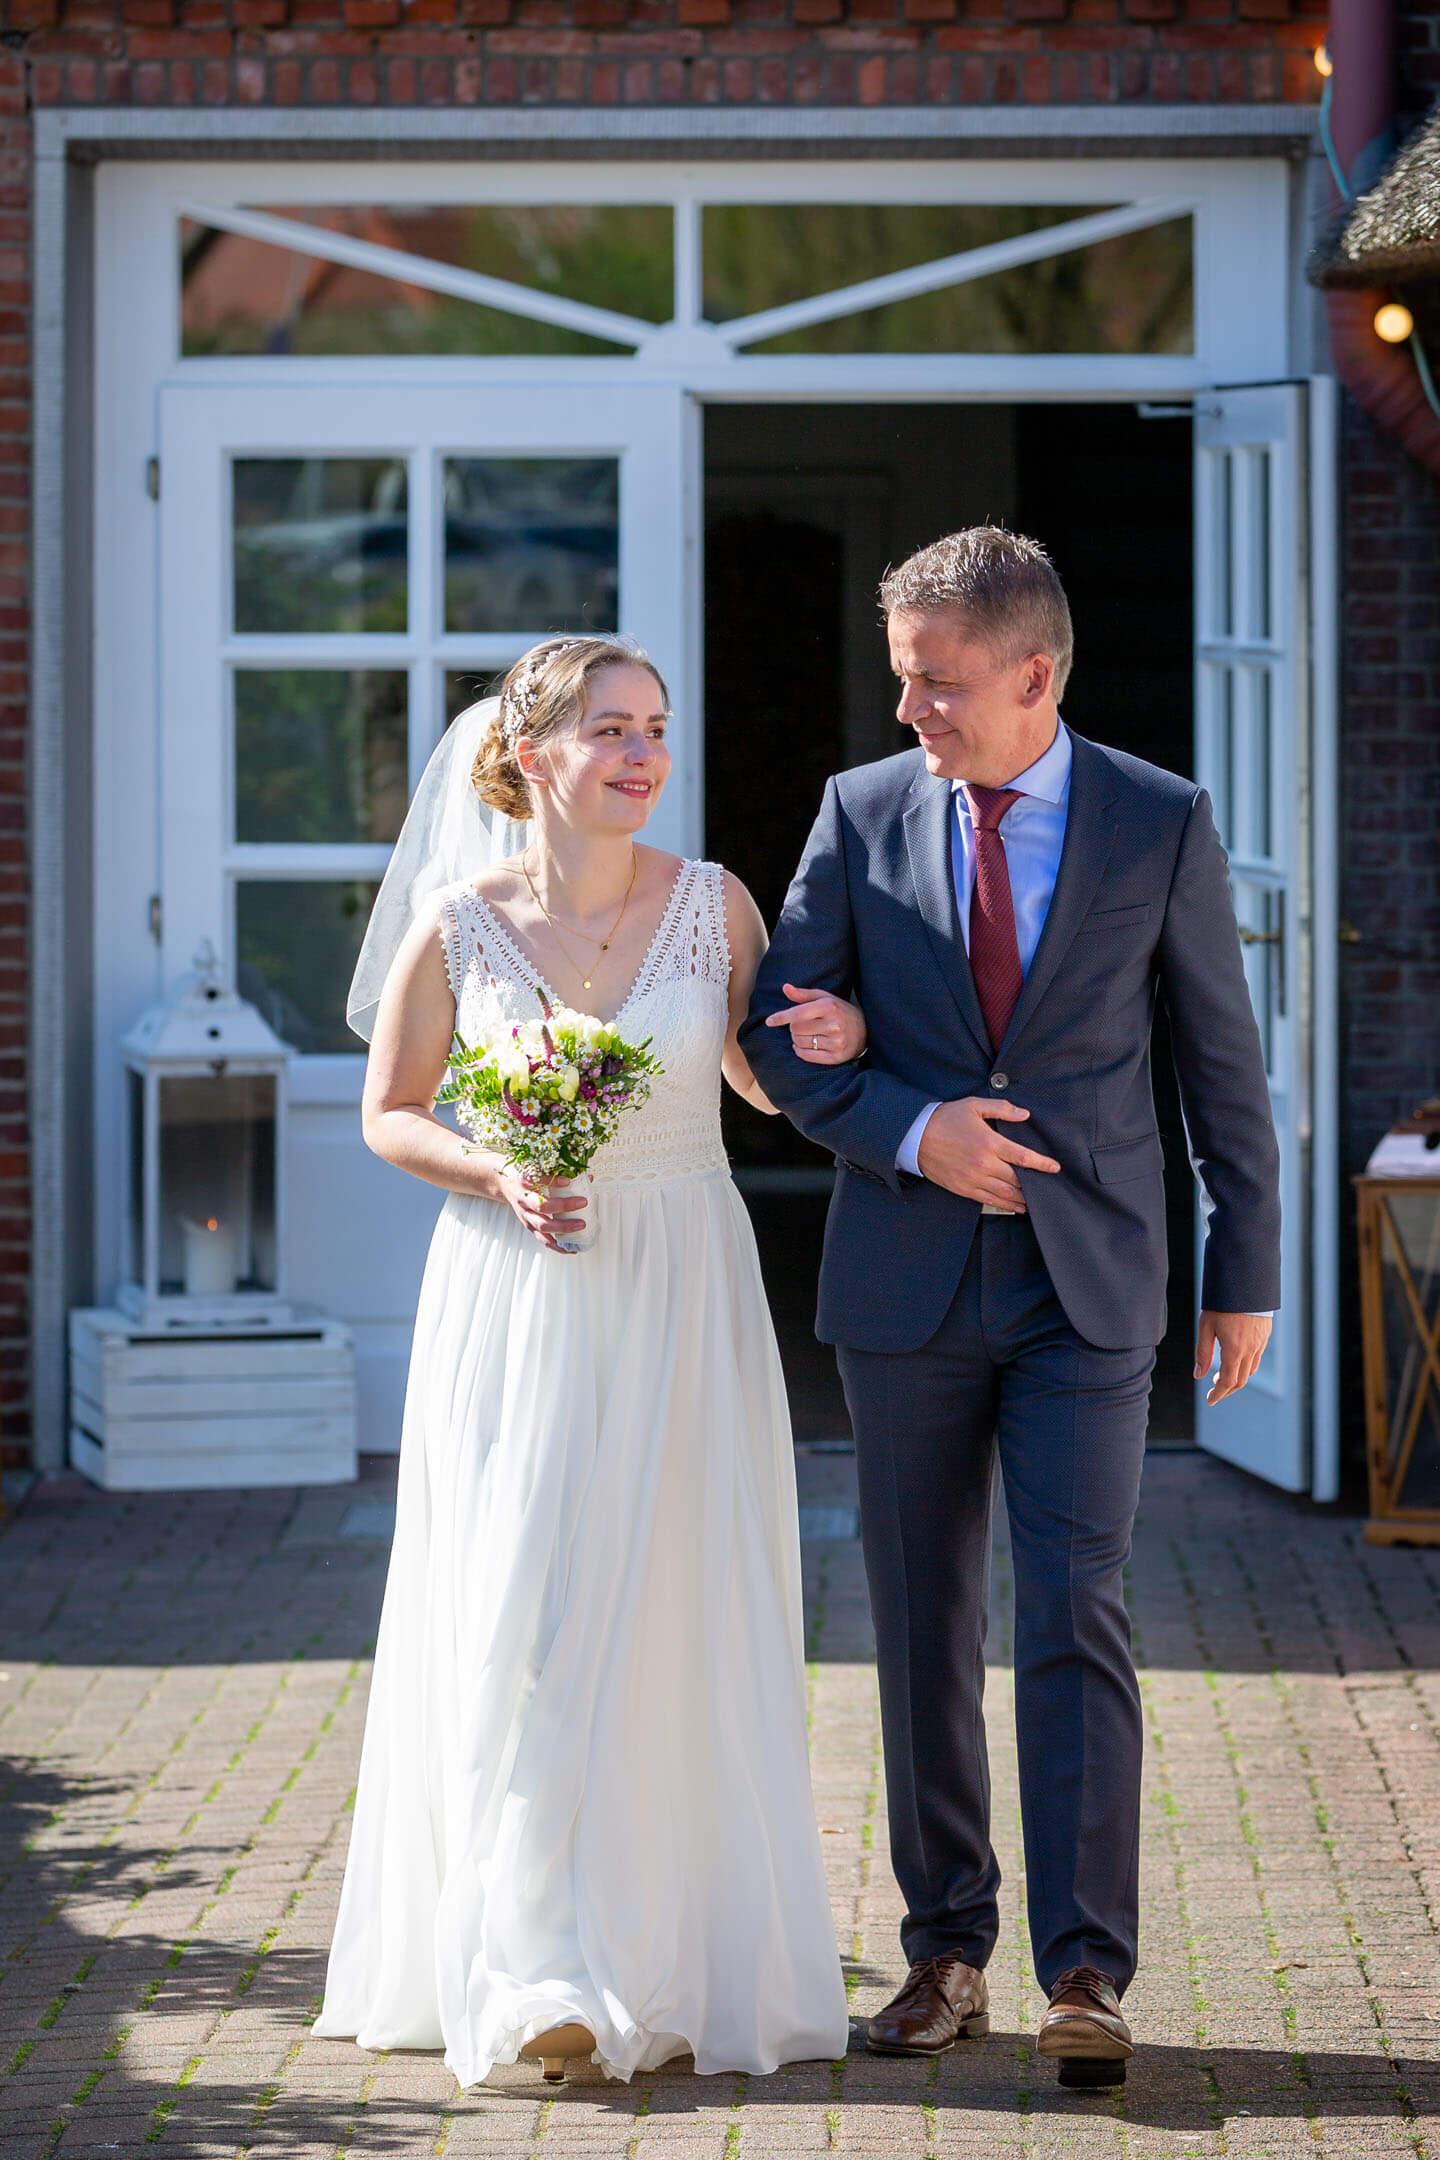 Brautvater begleitet Braut zur Trauung